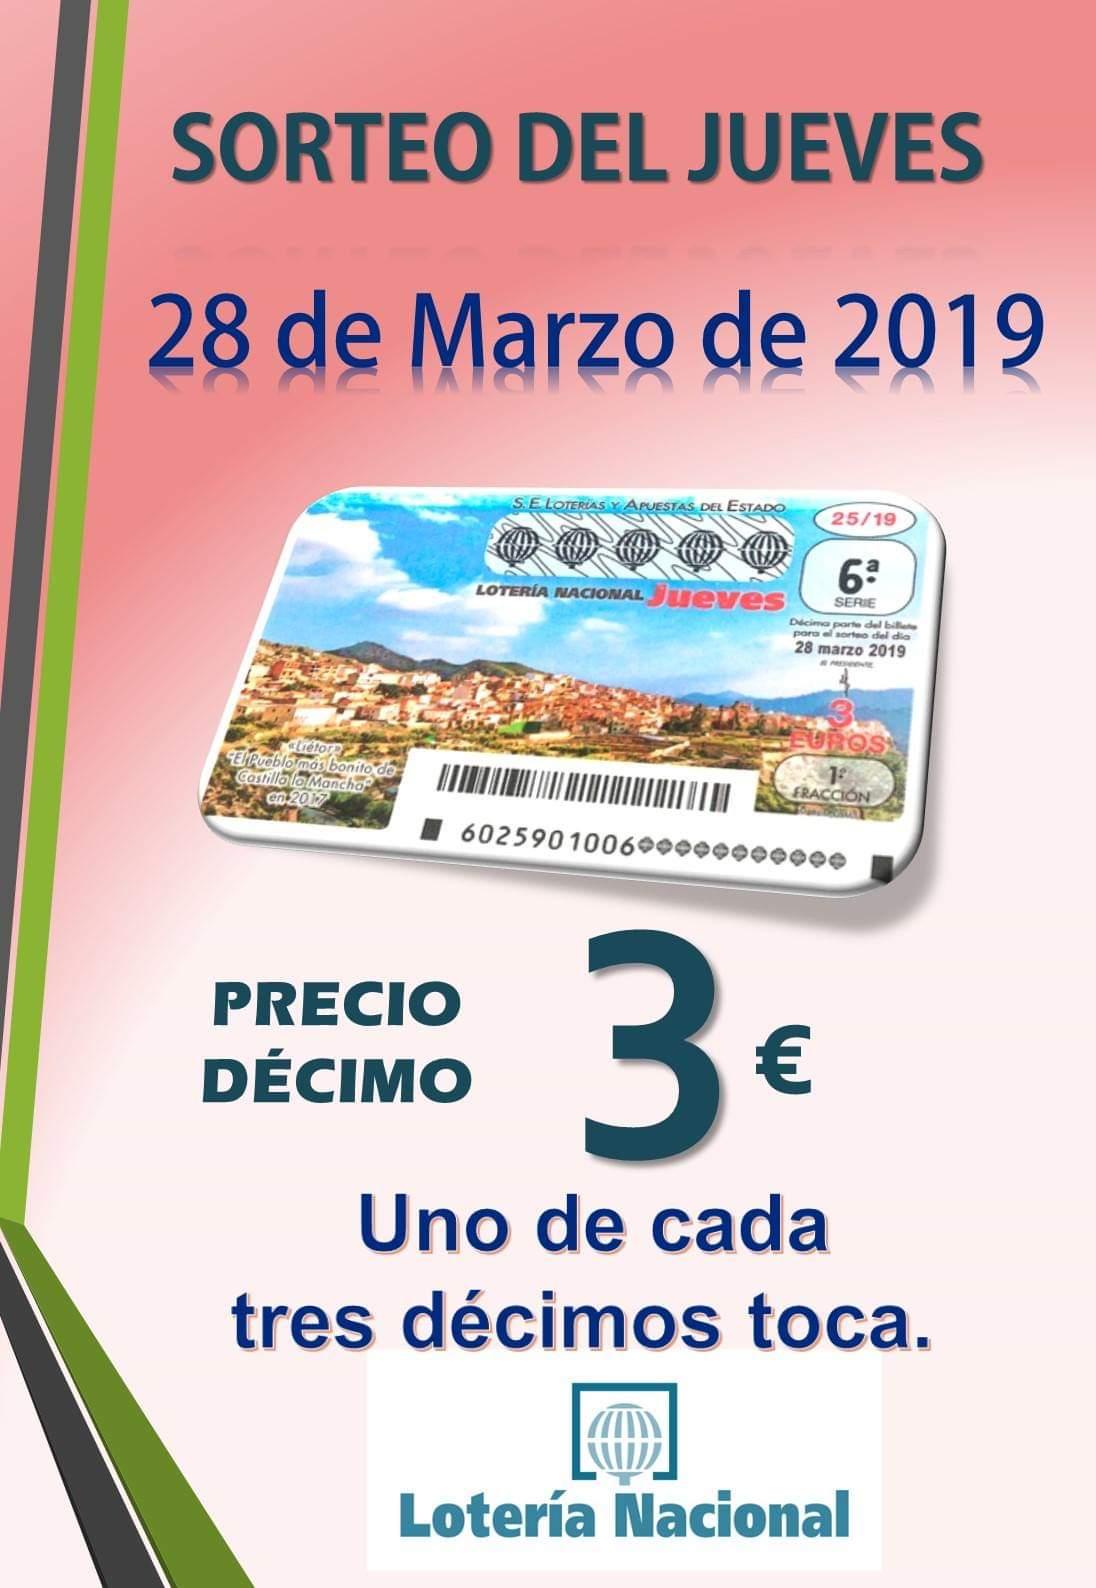 96def90cdf4 AHORA LOS JUEVES MAS PREMIOS, DECIMOS A 3€ - Administración de ...